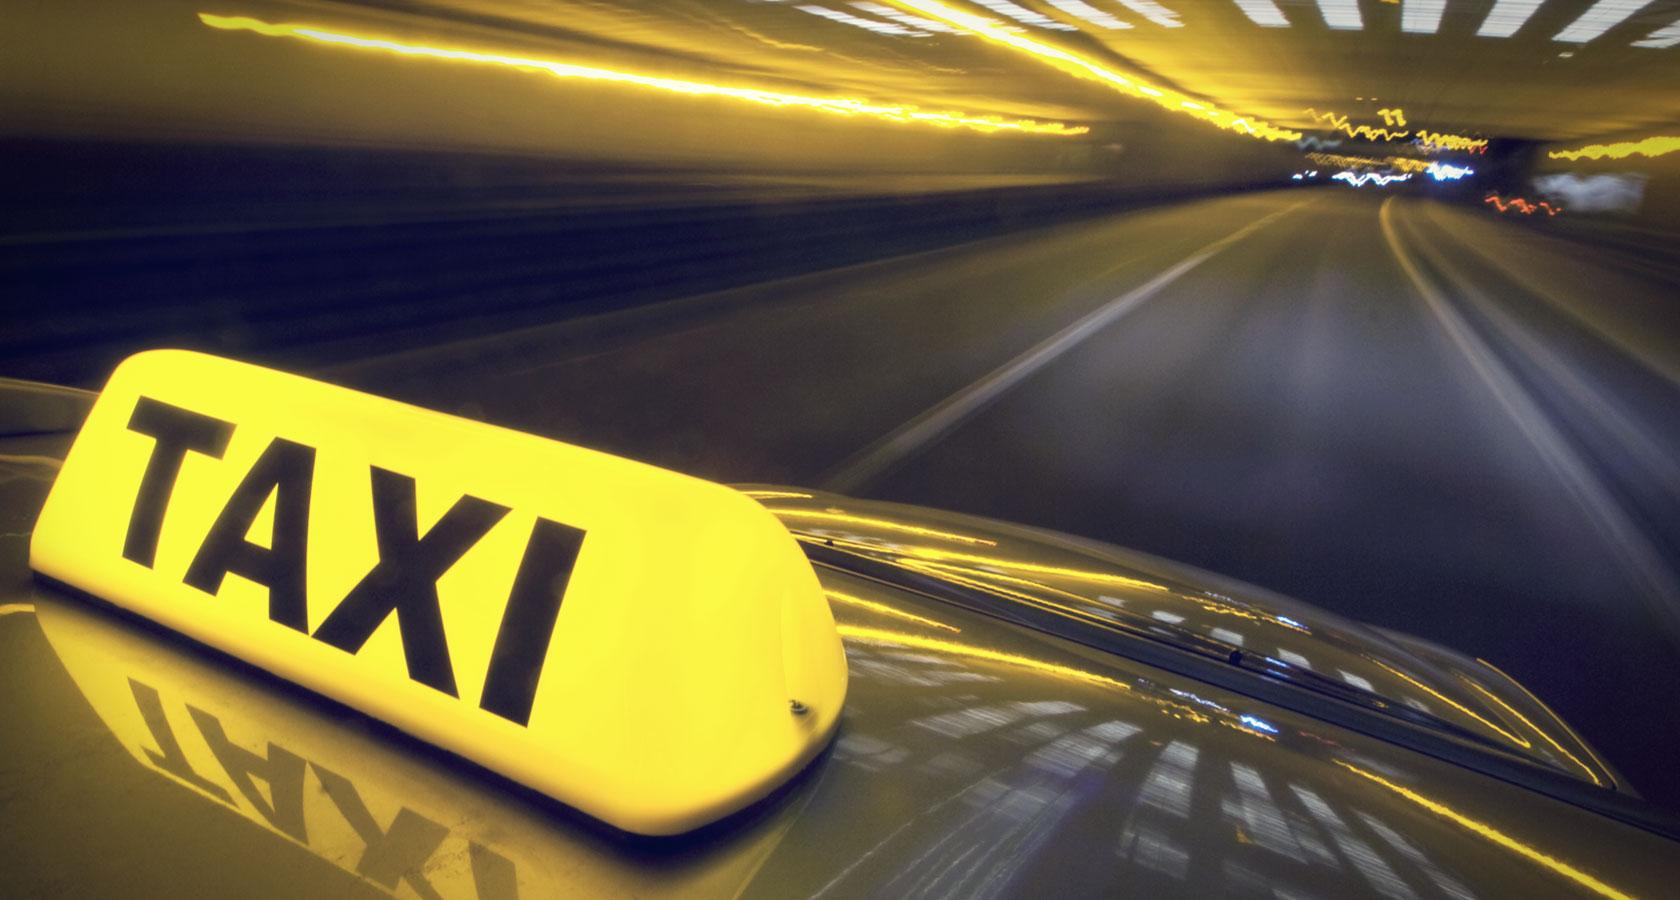 Казахстанцы отмечают рост цен на такси, но цифры - вещь упрямая